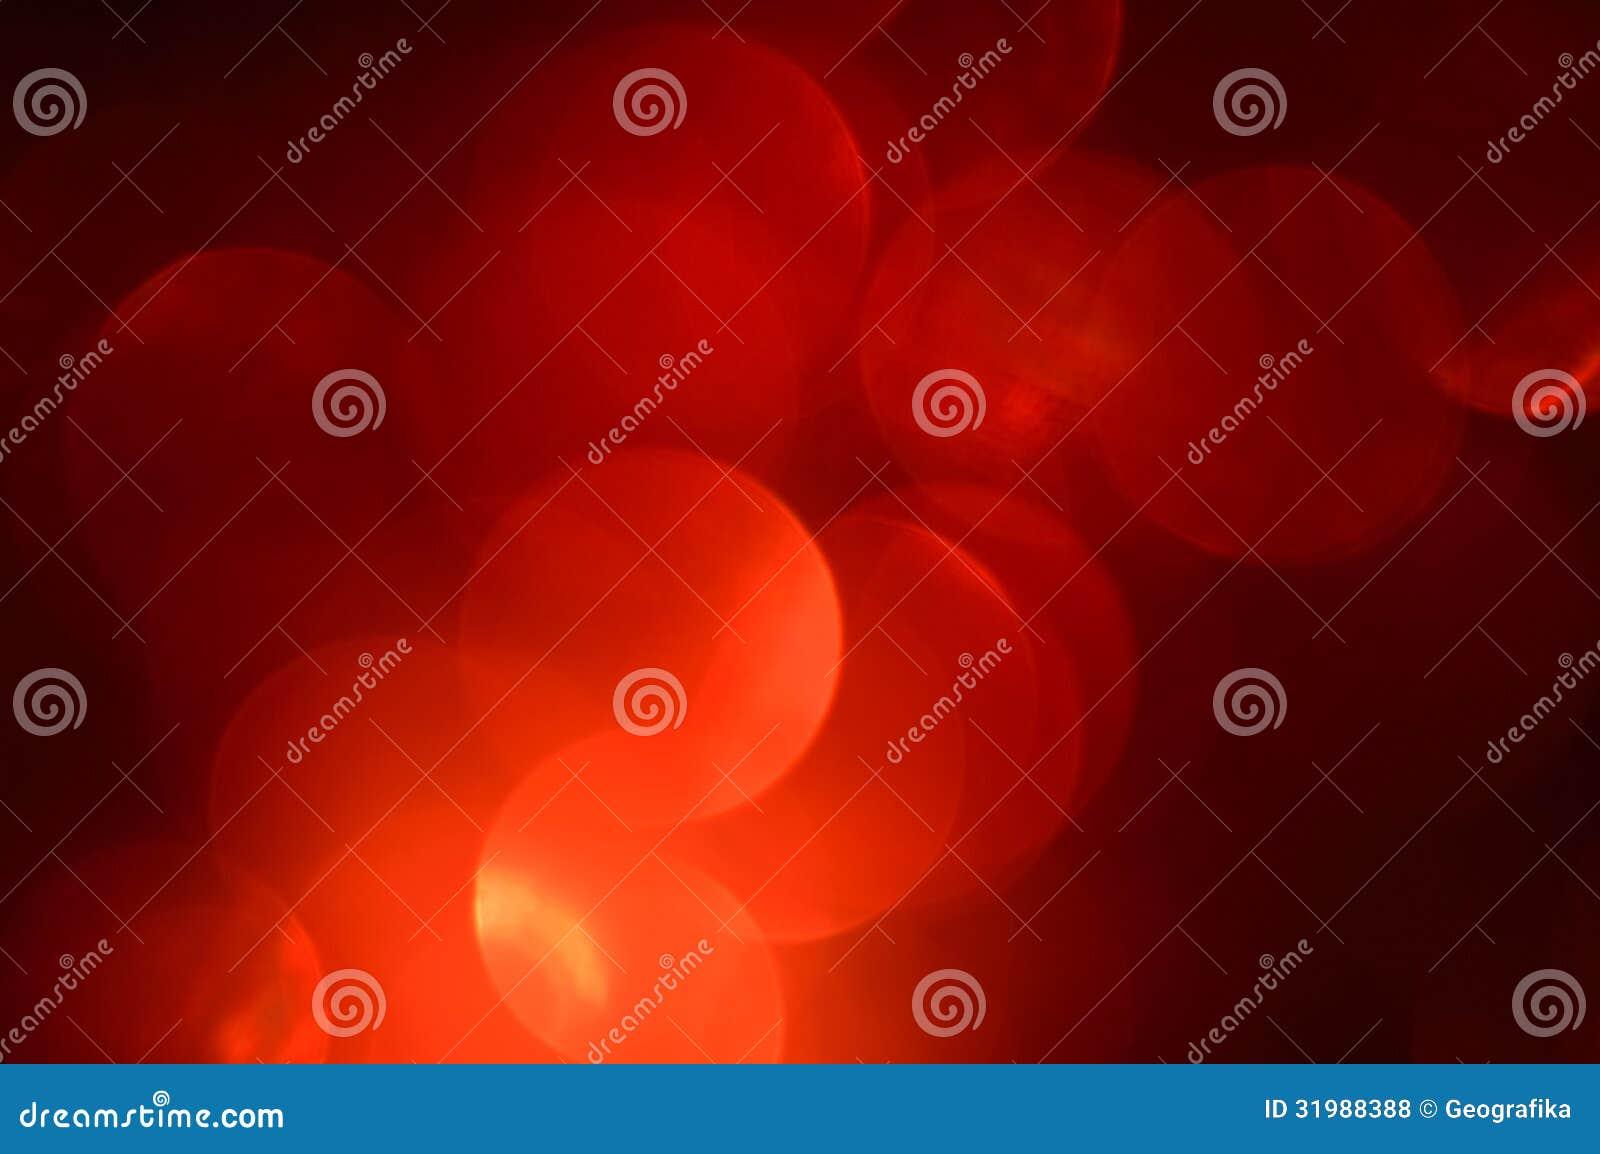 Θολωμένος, bokeh υπόβαθρο κόκκινων φώτων. Αφηρημένα σπινθηρίσματα